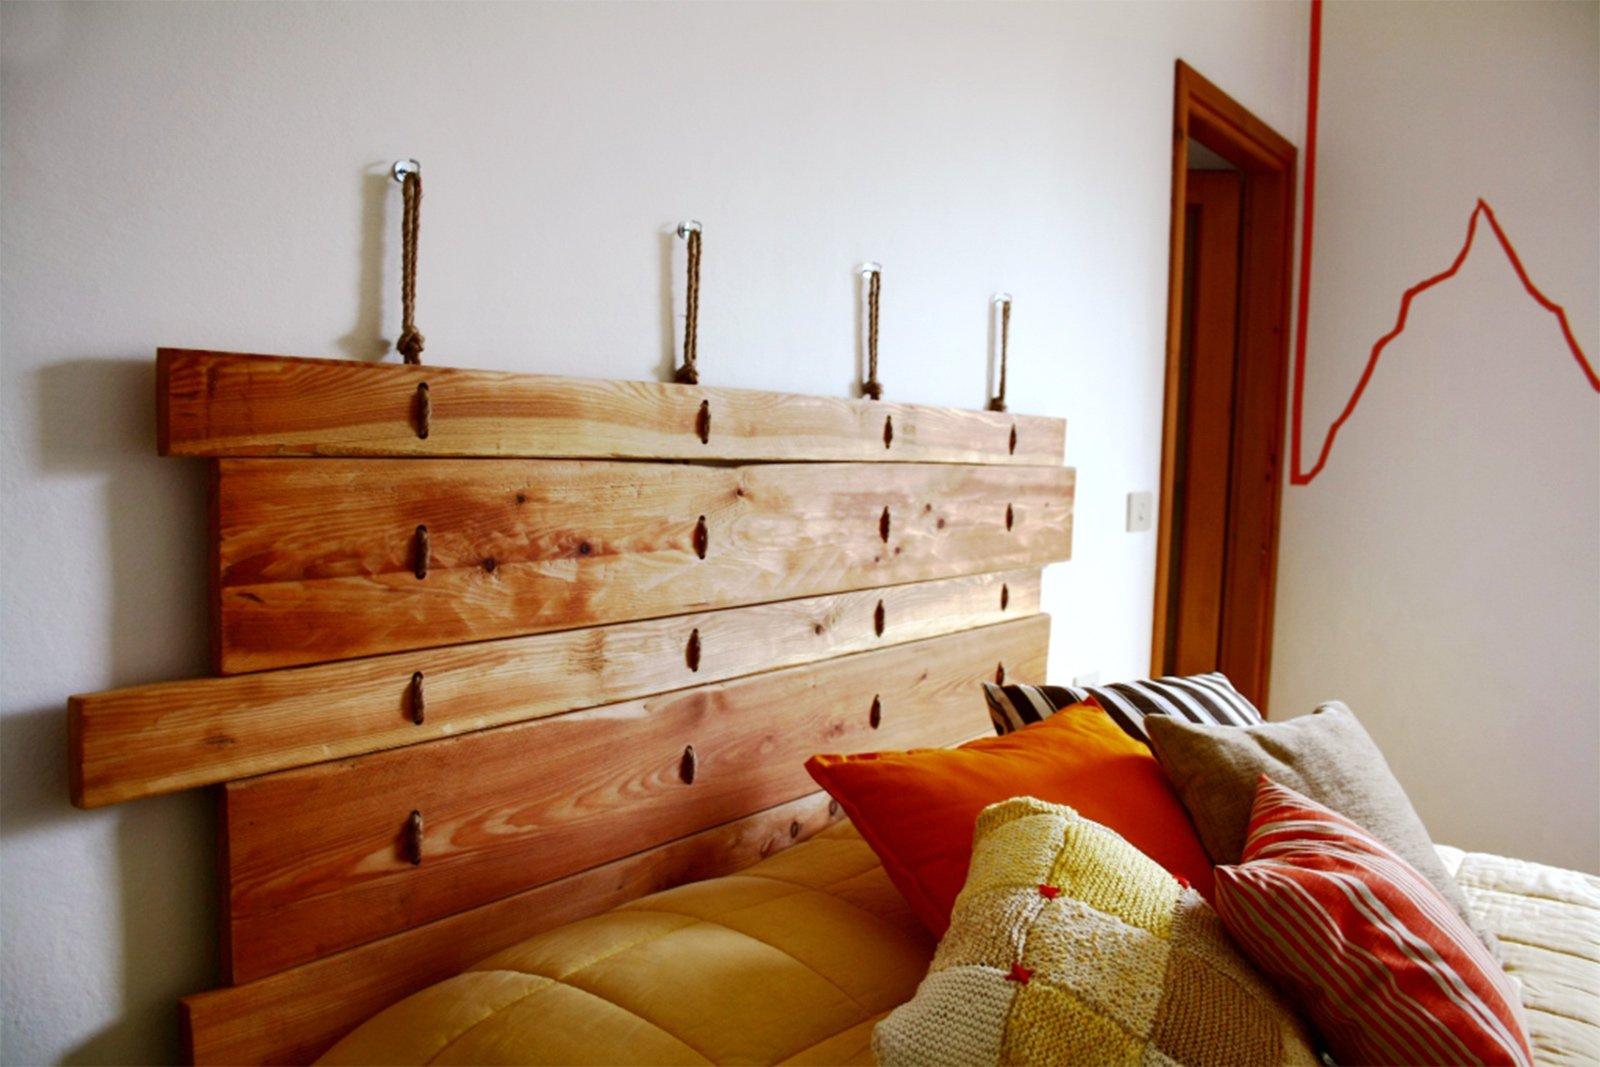 Come Costruire Una Testiera Letto letto low cost con la testiera fai da te - cose di casa